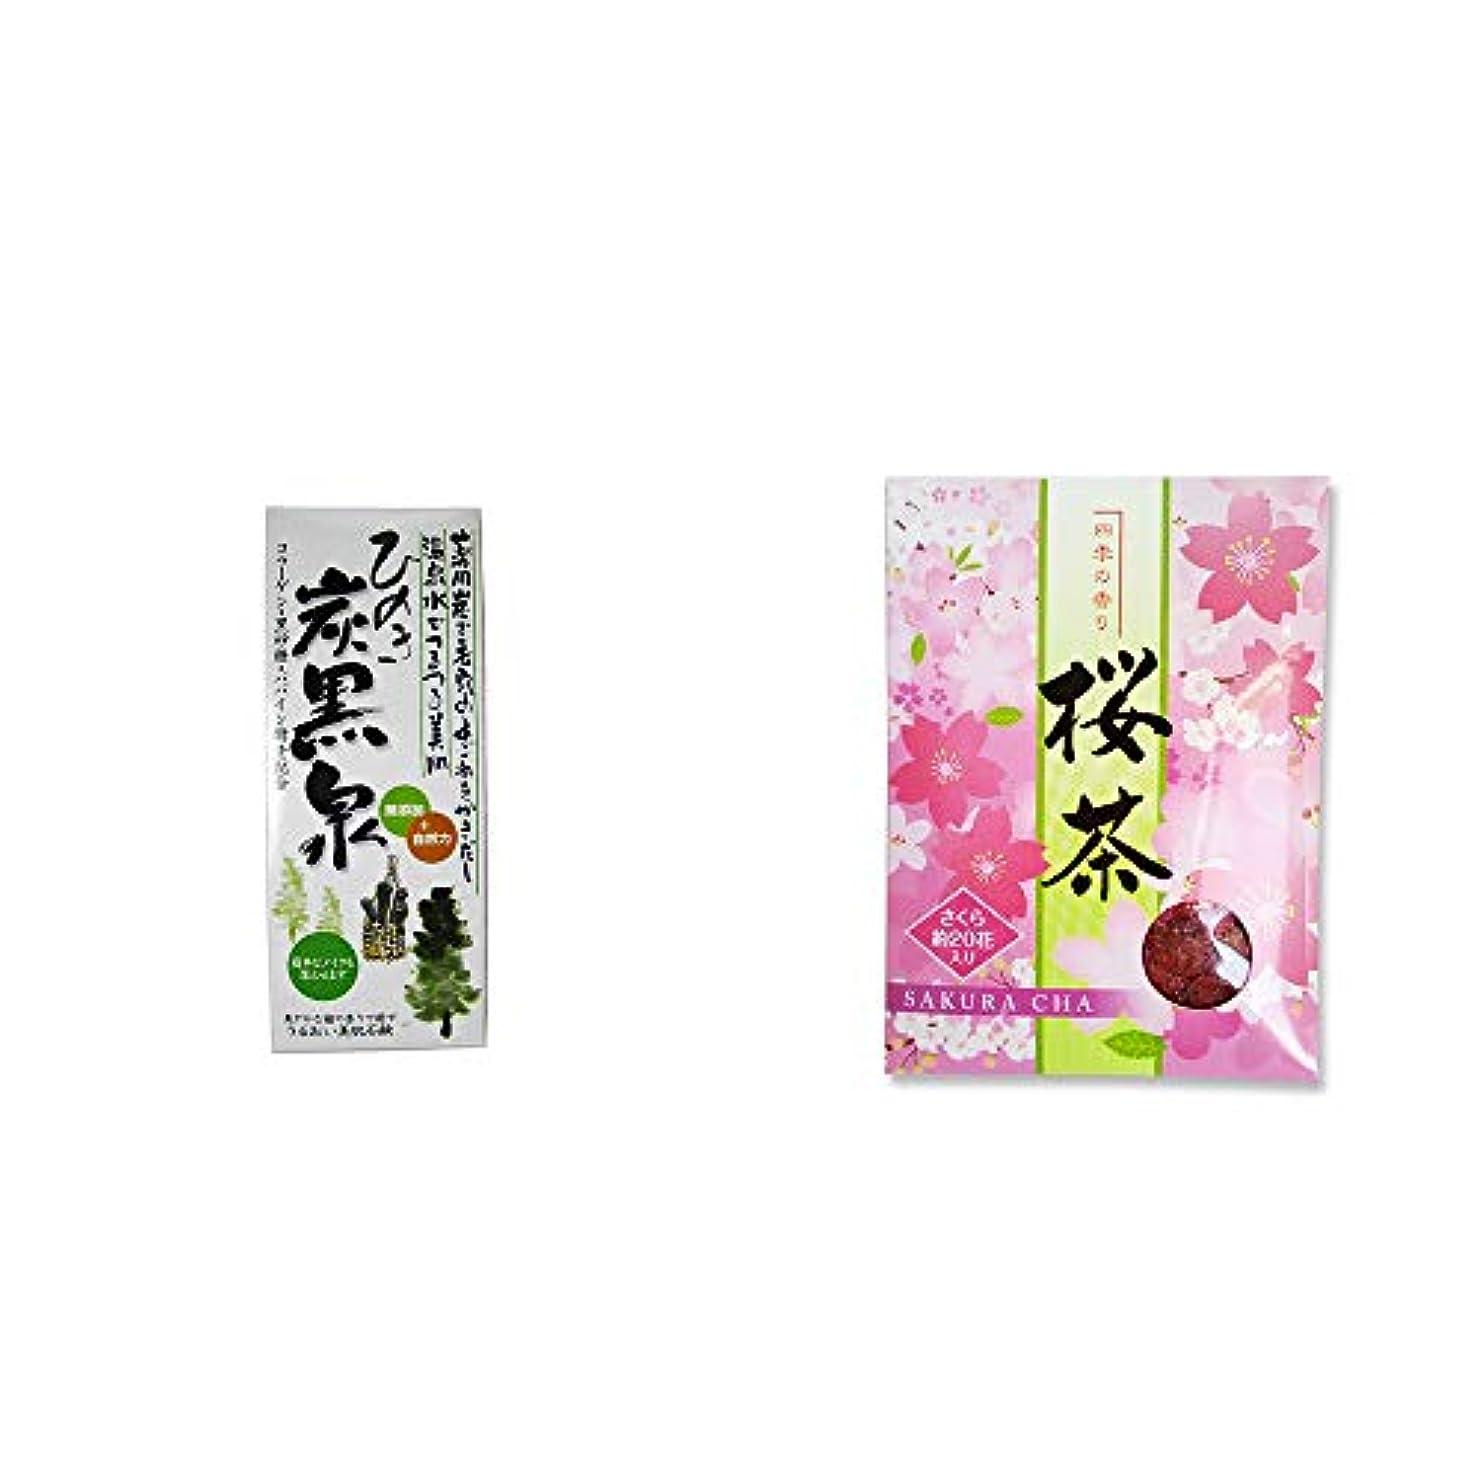 ラフ先史時代の農村[2点セット] ひのき炭黒泉 箱入り(75g×3)?桜茶(40g)